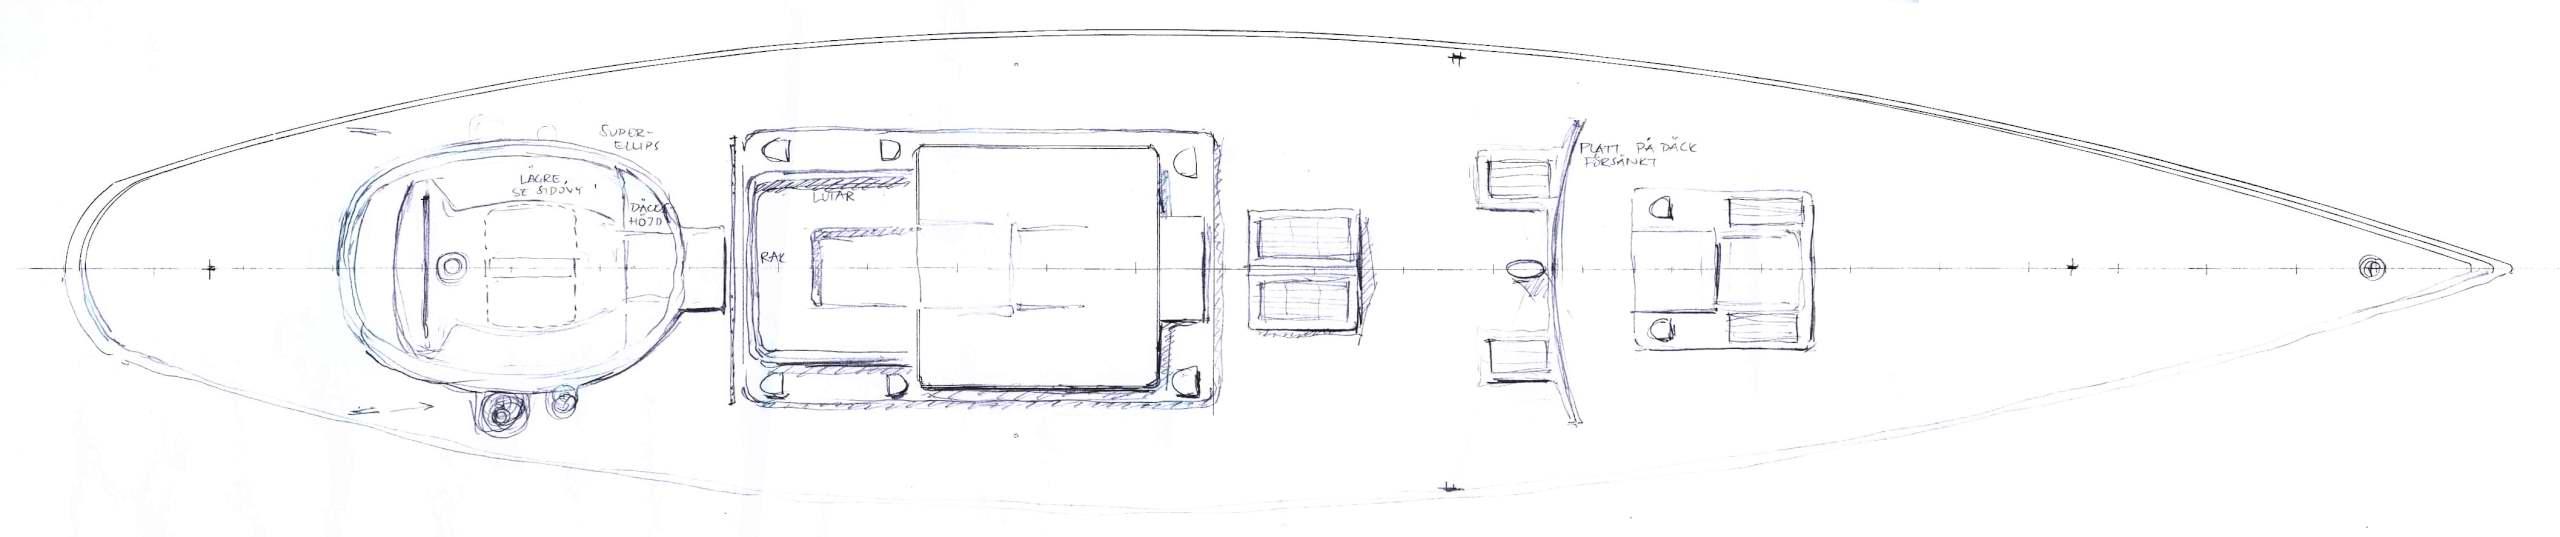 90' Classic, deck, early sketch (c) Heyman Yachts